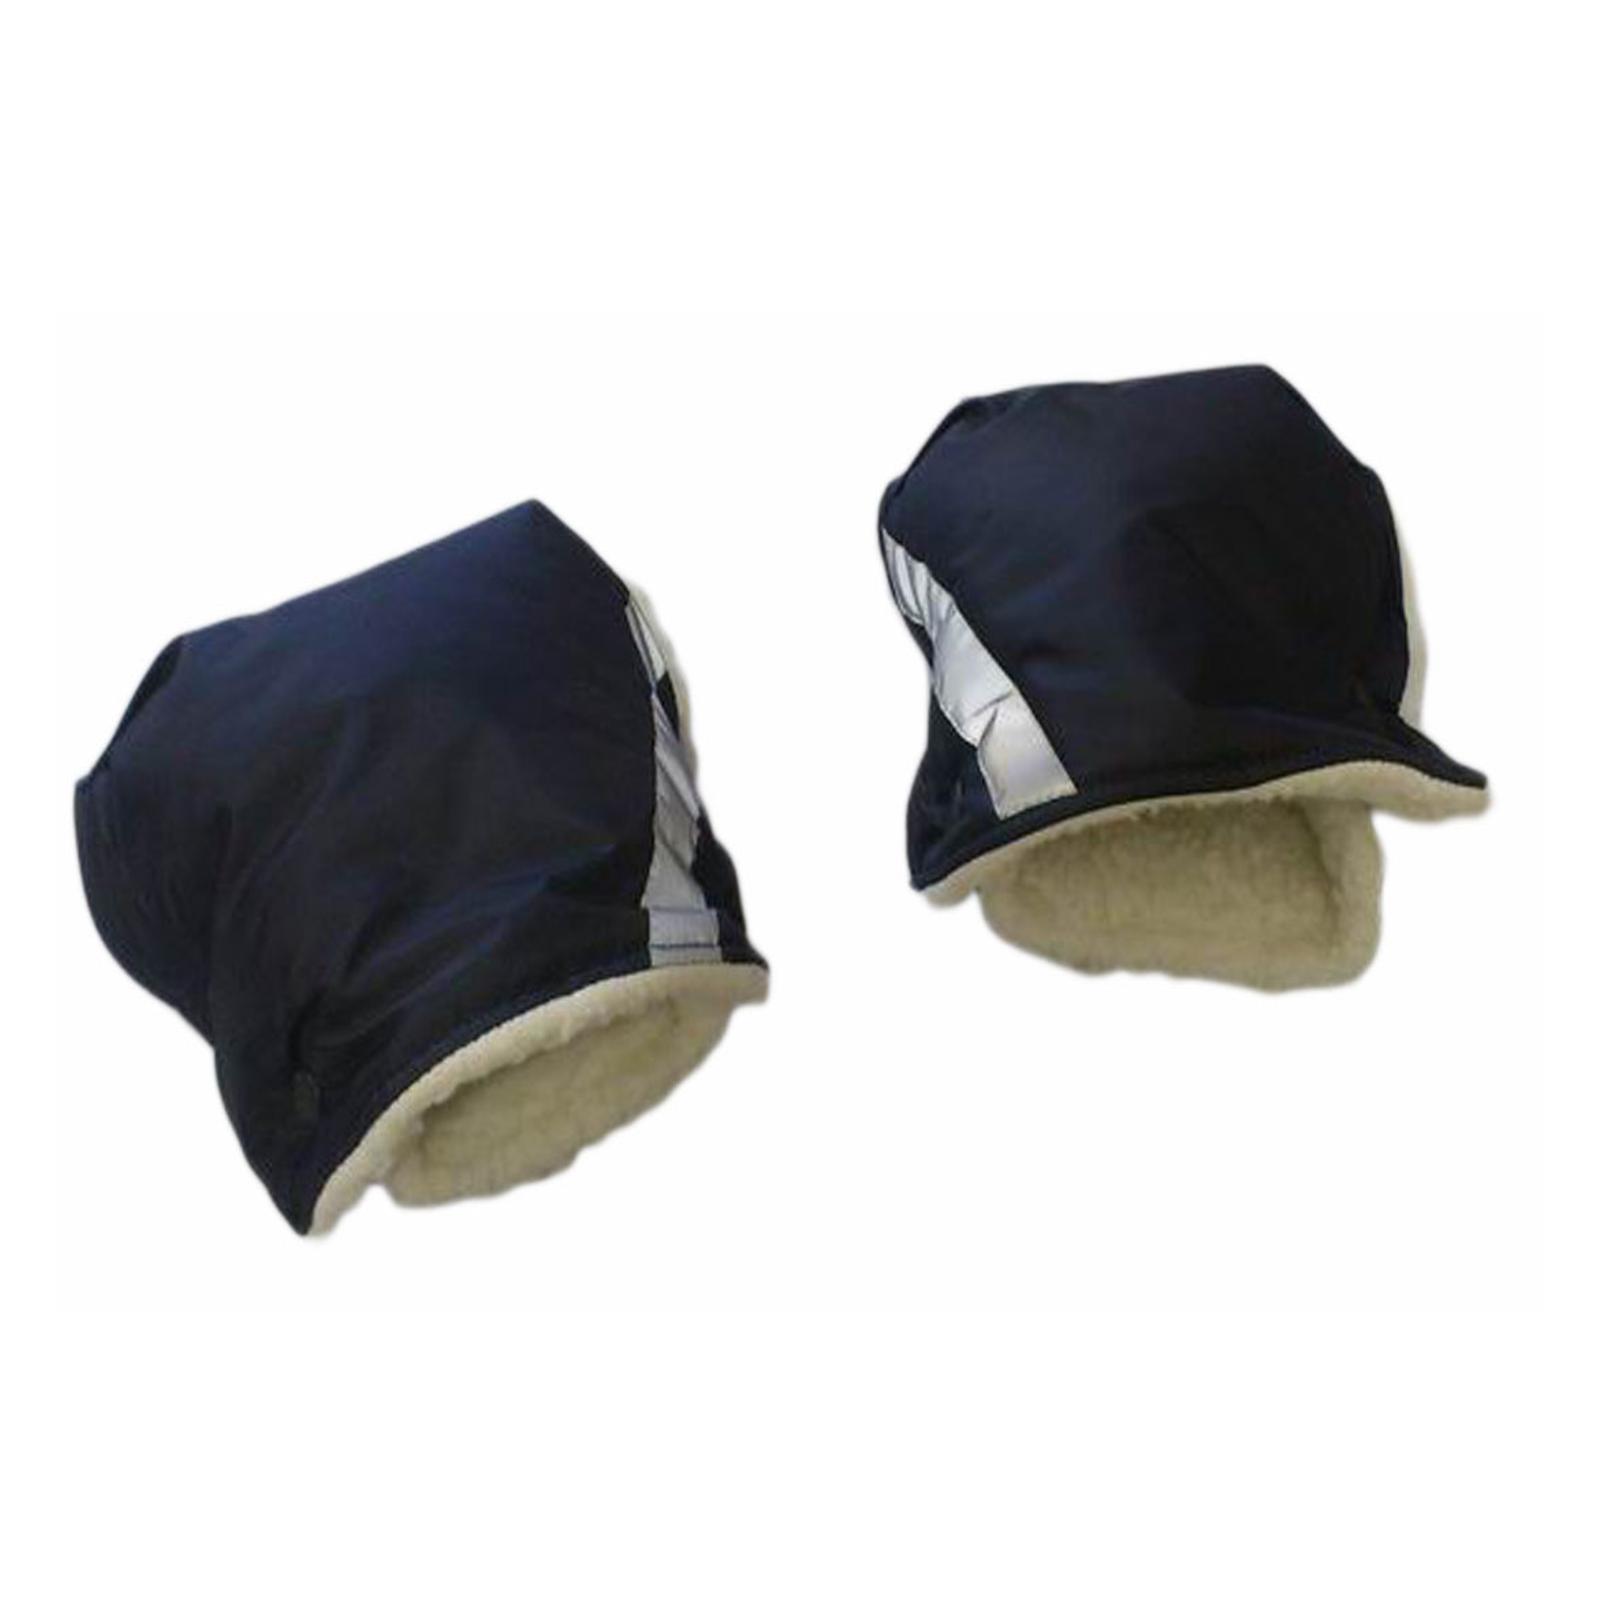 Варежки для коляски Снежинка защита рук от холода Черно-серые на липучках 100% шерсть<br>